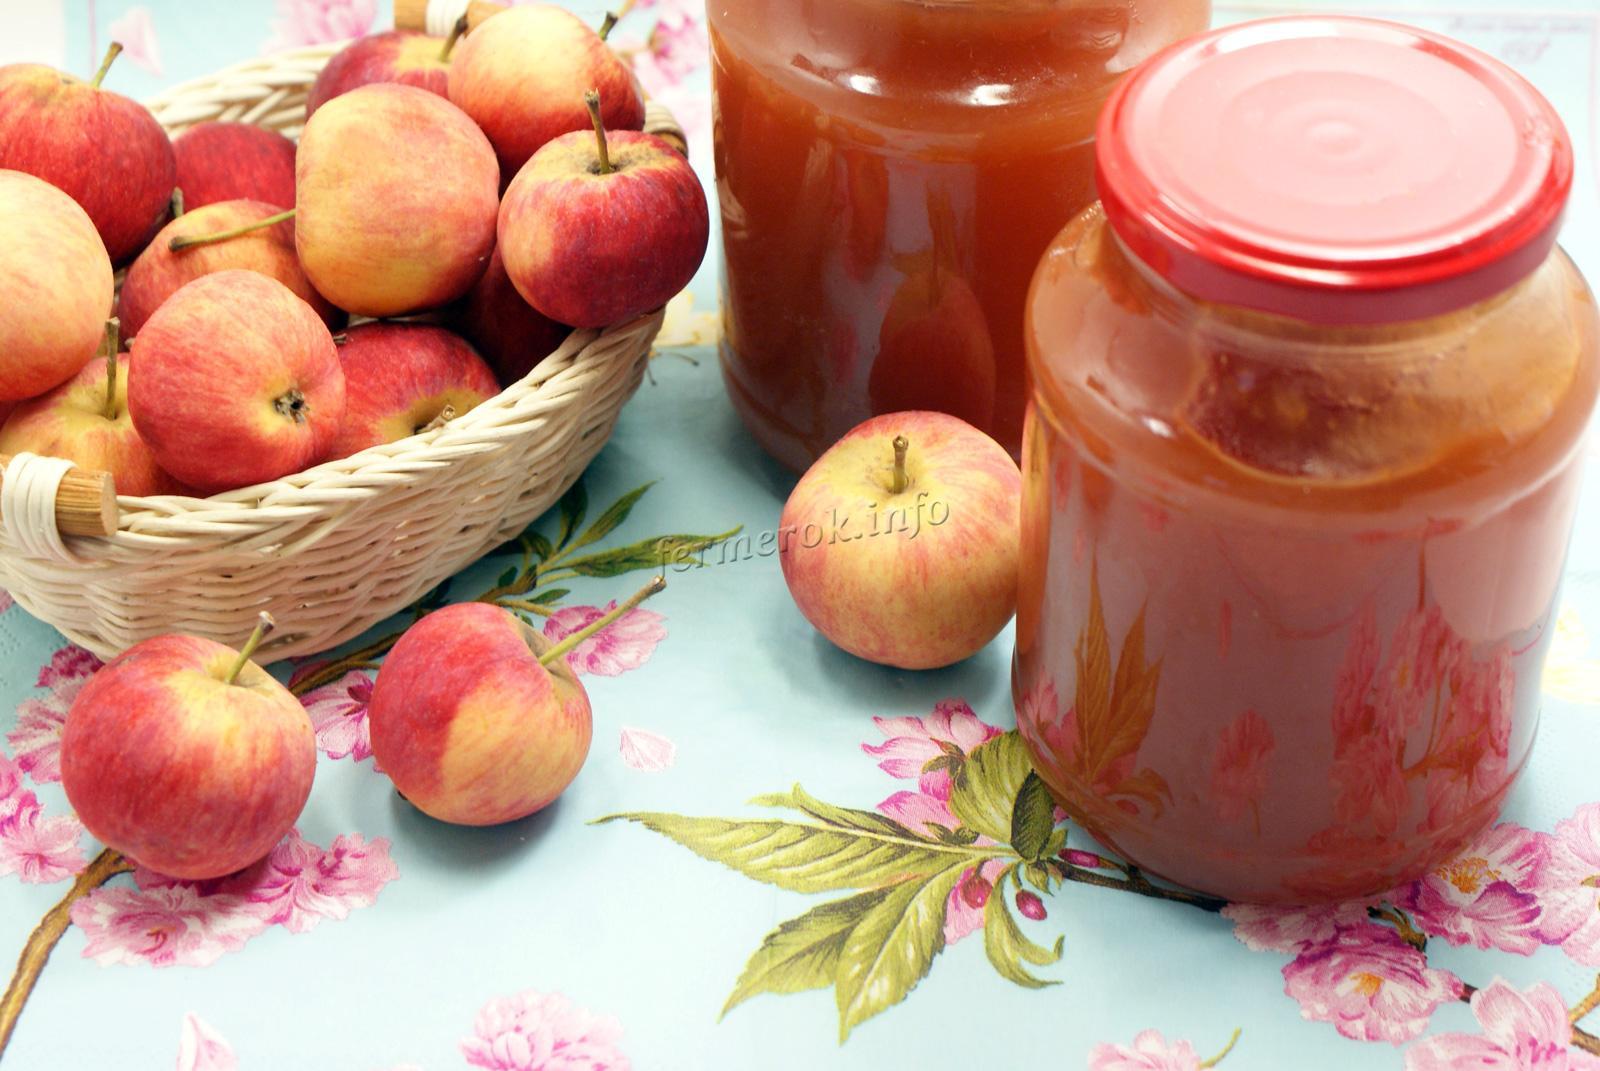 Рецепт яблочного повидла на зиму в домашних условиях